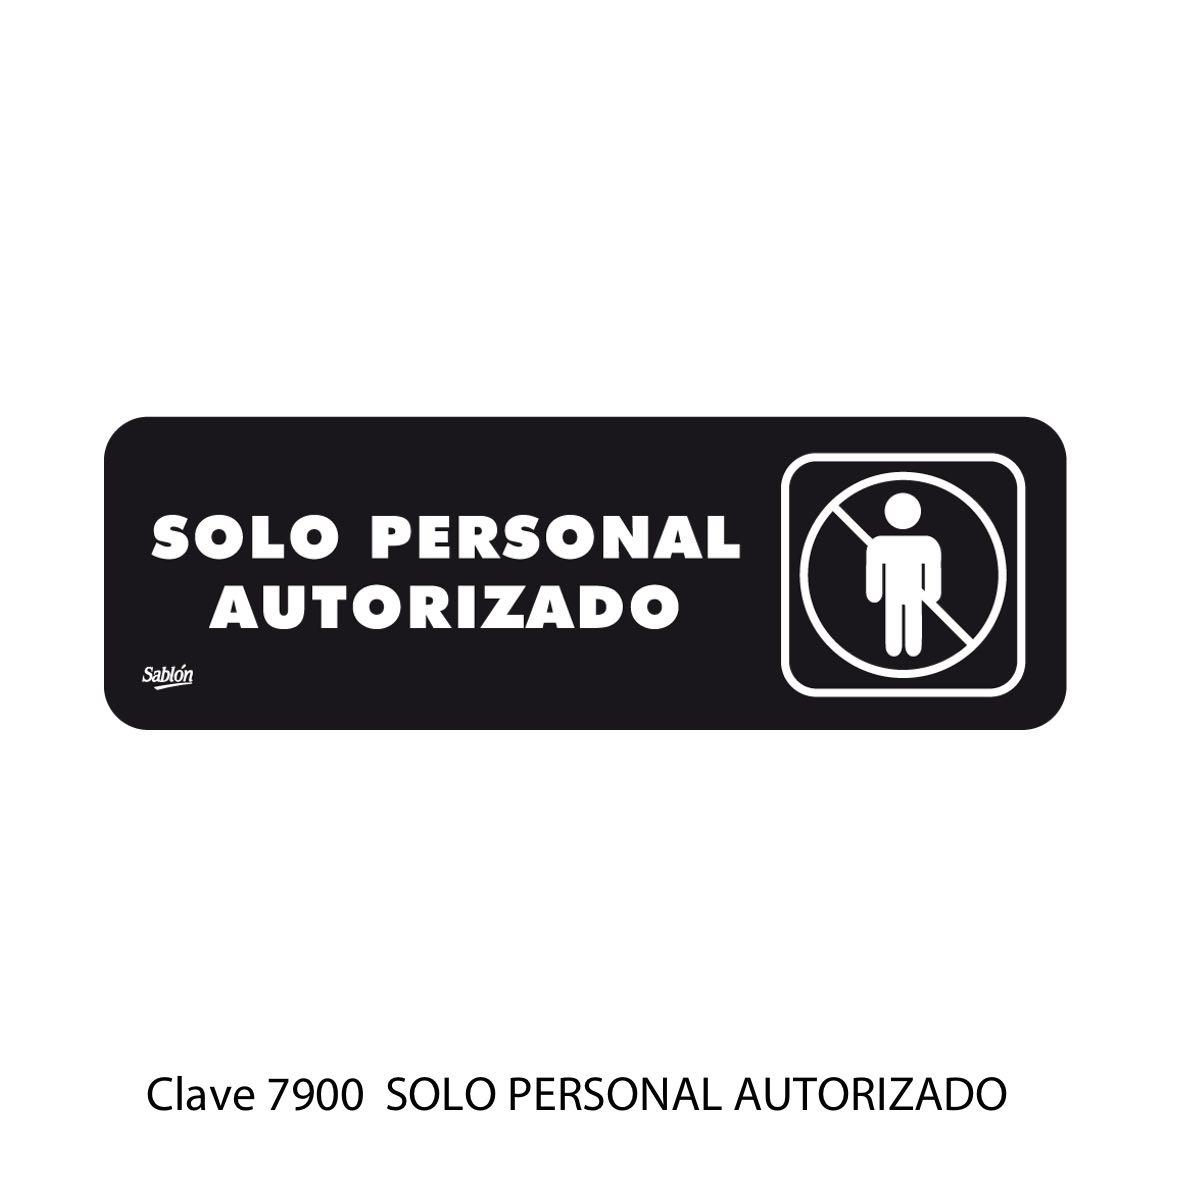 Señal Solo Personal Autorizado Modelo 7900 - Sablón